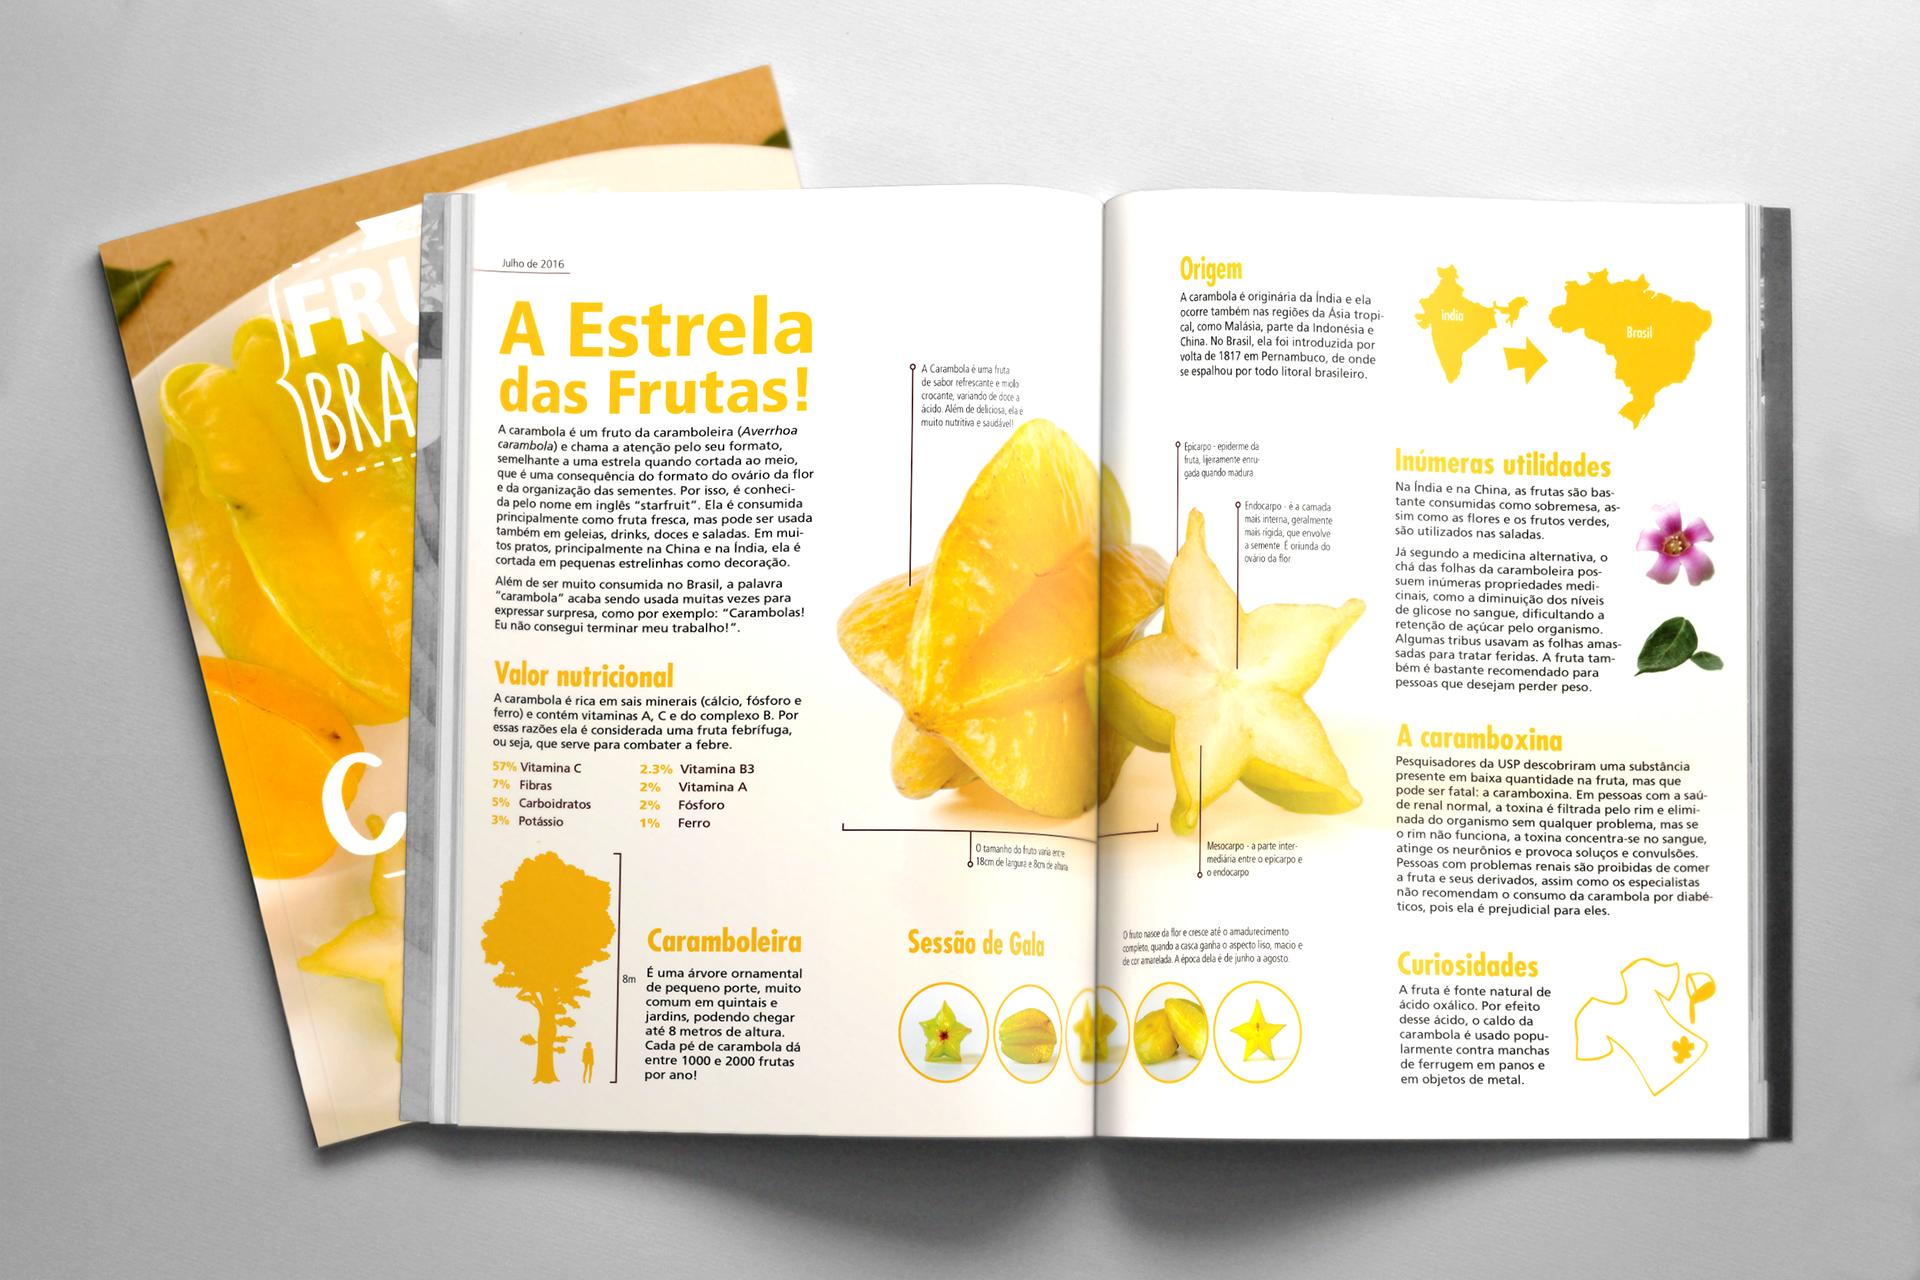 A Fruta Carambola Serve Para Que infográficos - 2016 on behance